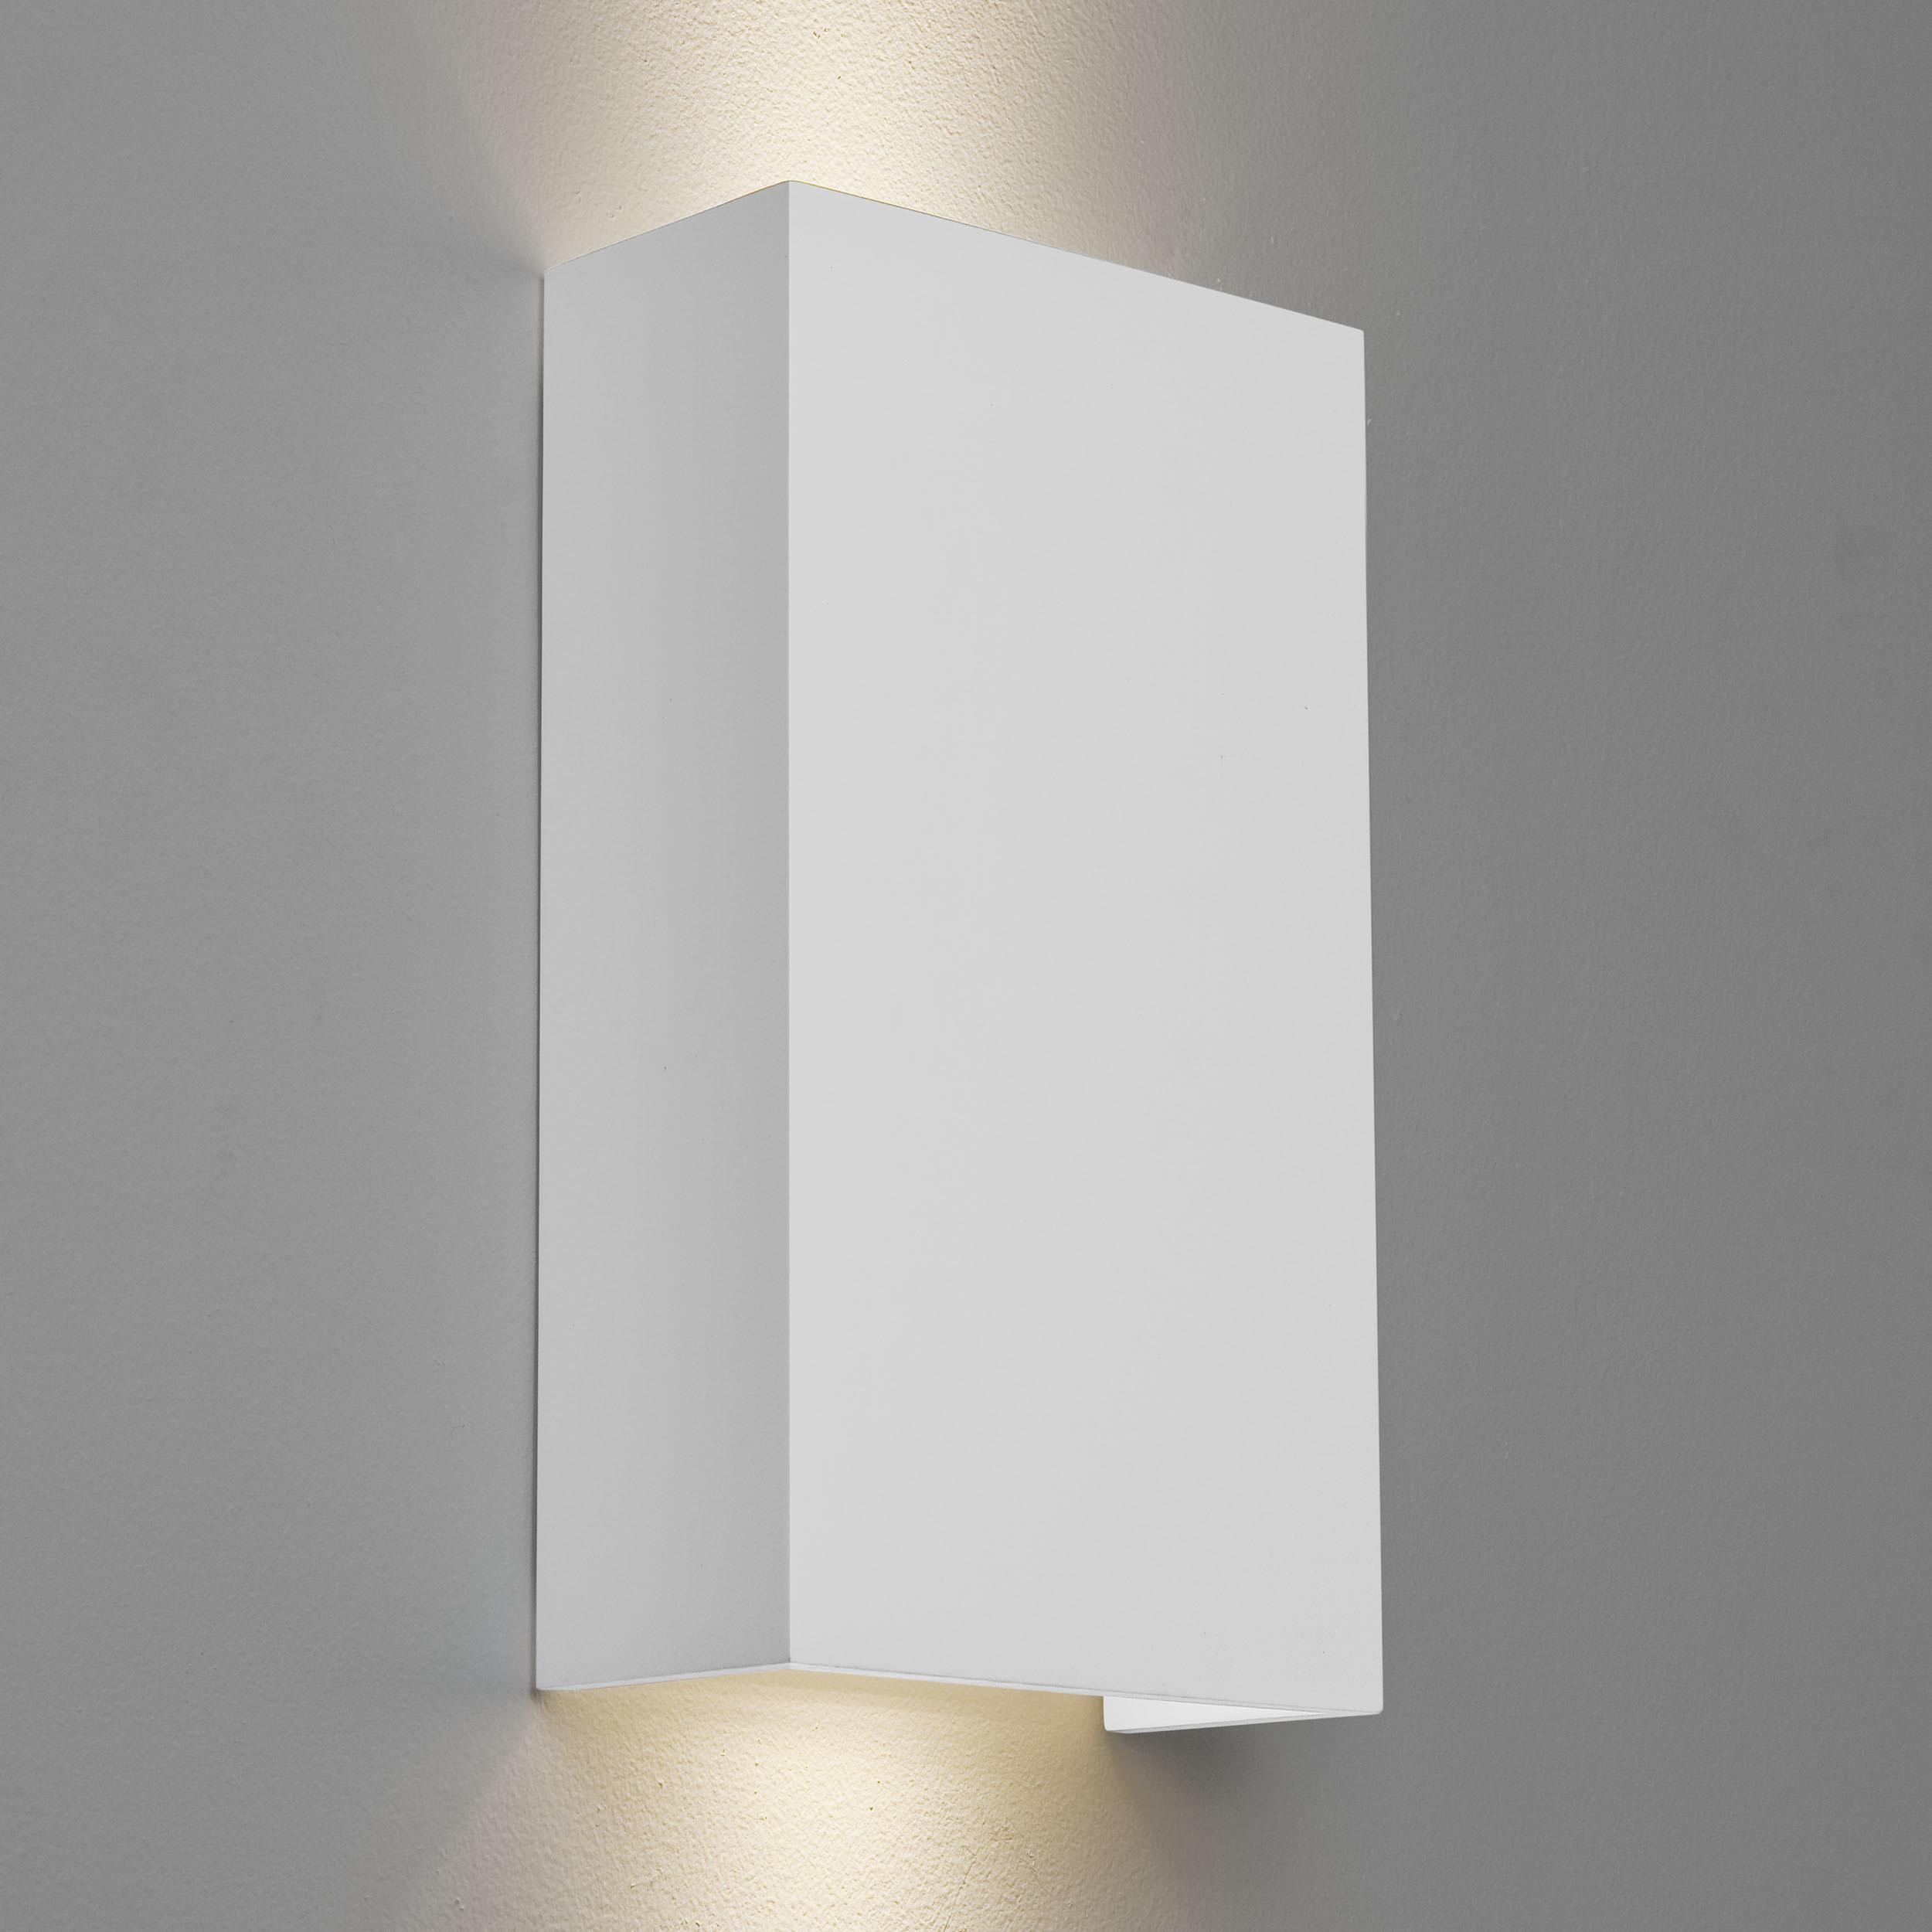 Настенный светильник Astro Pella 1315002 (7141), 2xGU10x50W, белый, под покраску, гипс - фото 1